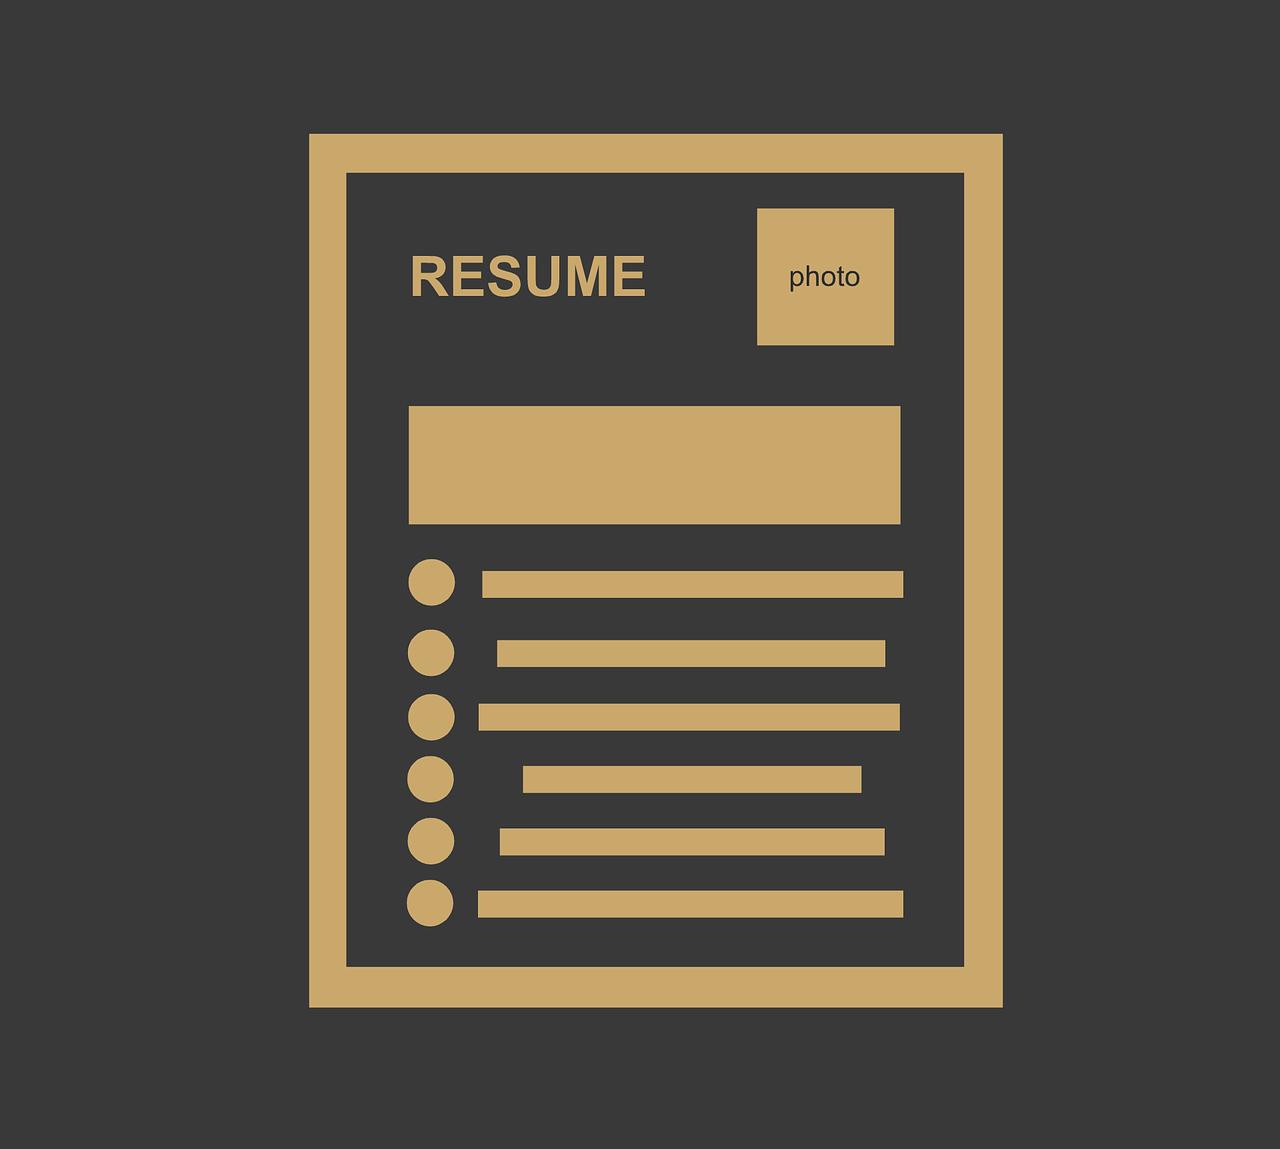 C:\Users\Nitin\Desktop\resume-1799954_1280.png